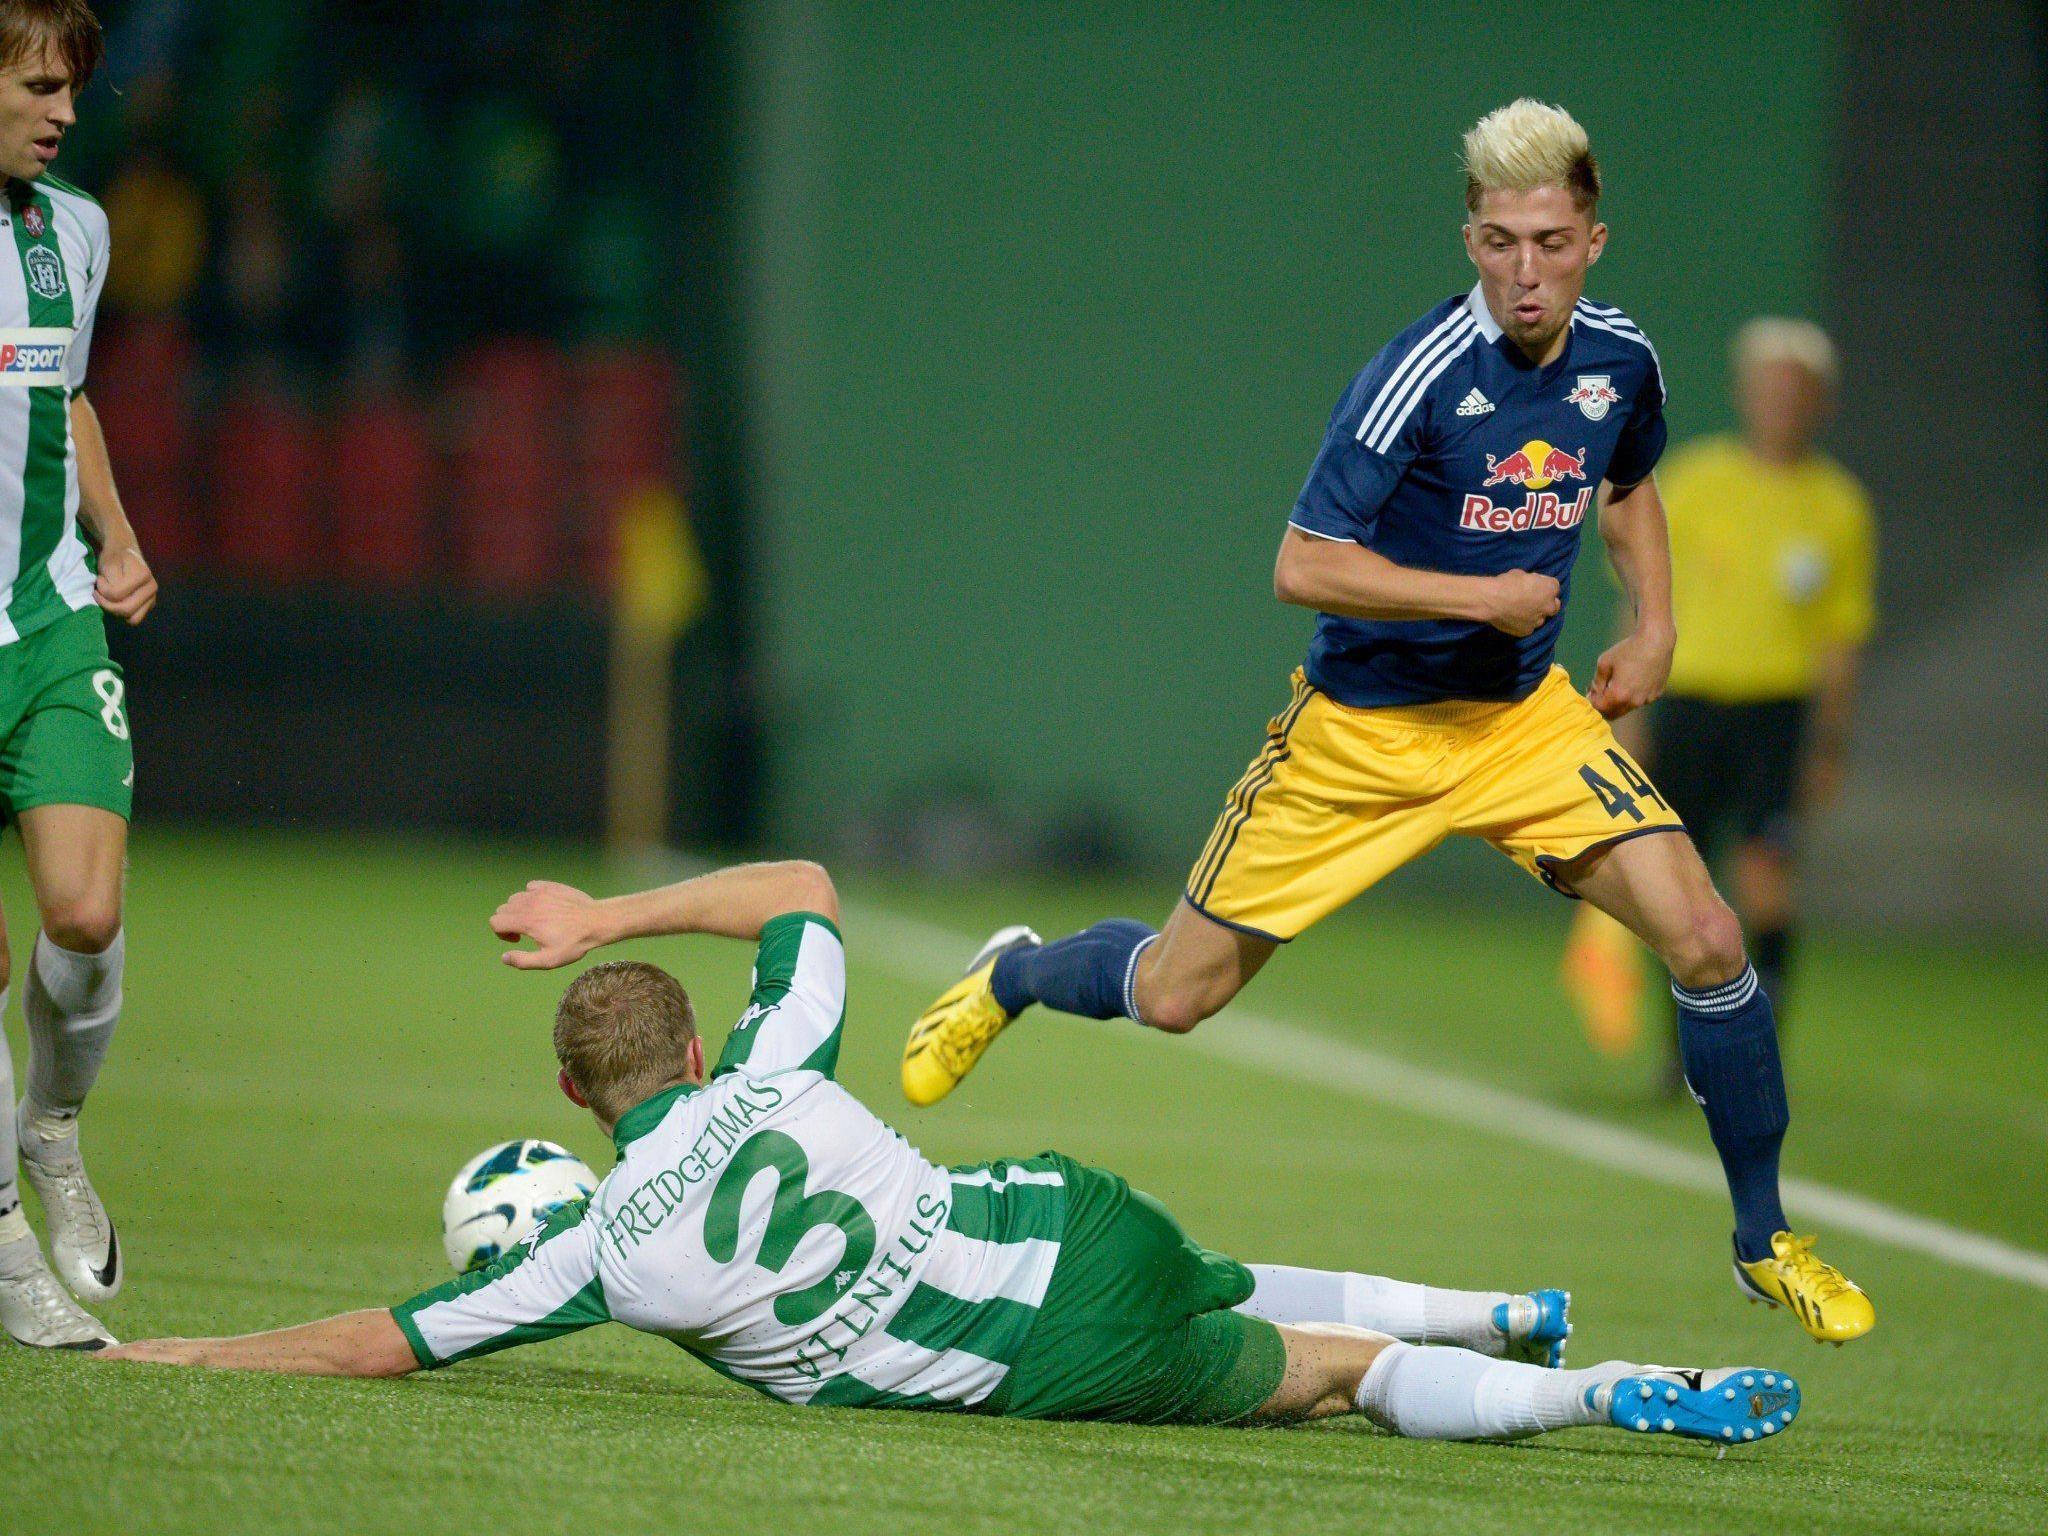 Klare Sache für Salzburg, ein 5:0 im Rücken lässt einen die Sache aber auch entspannter angehen.